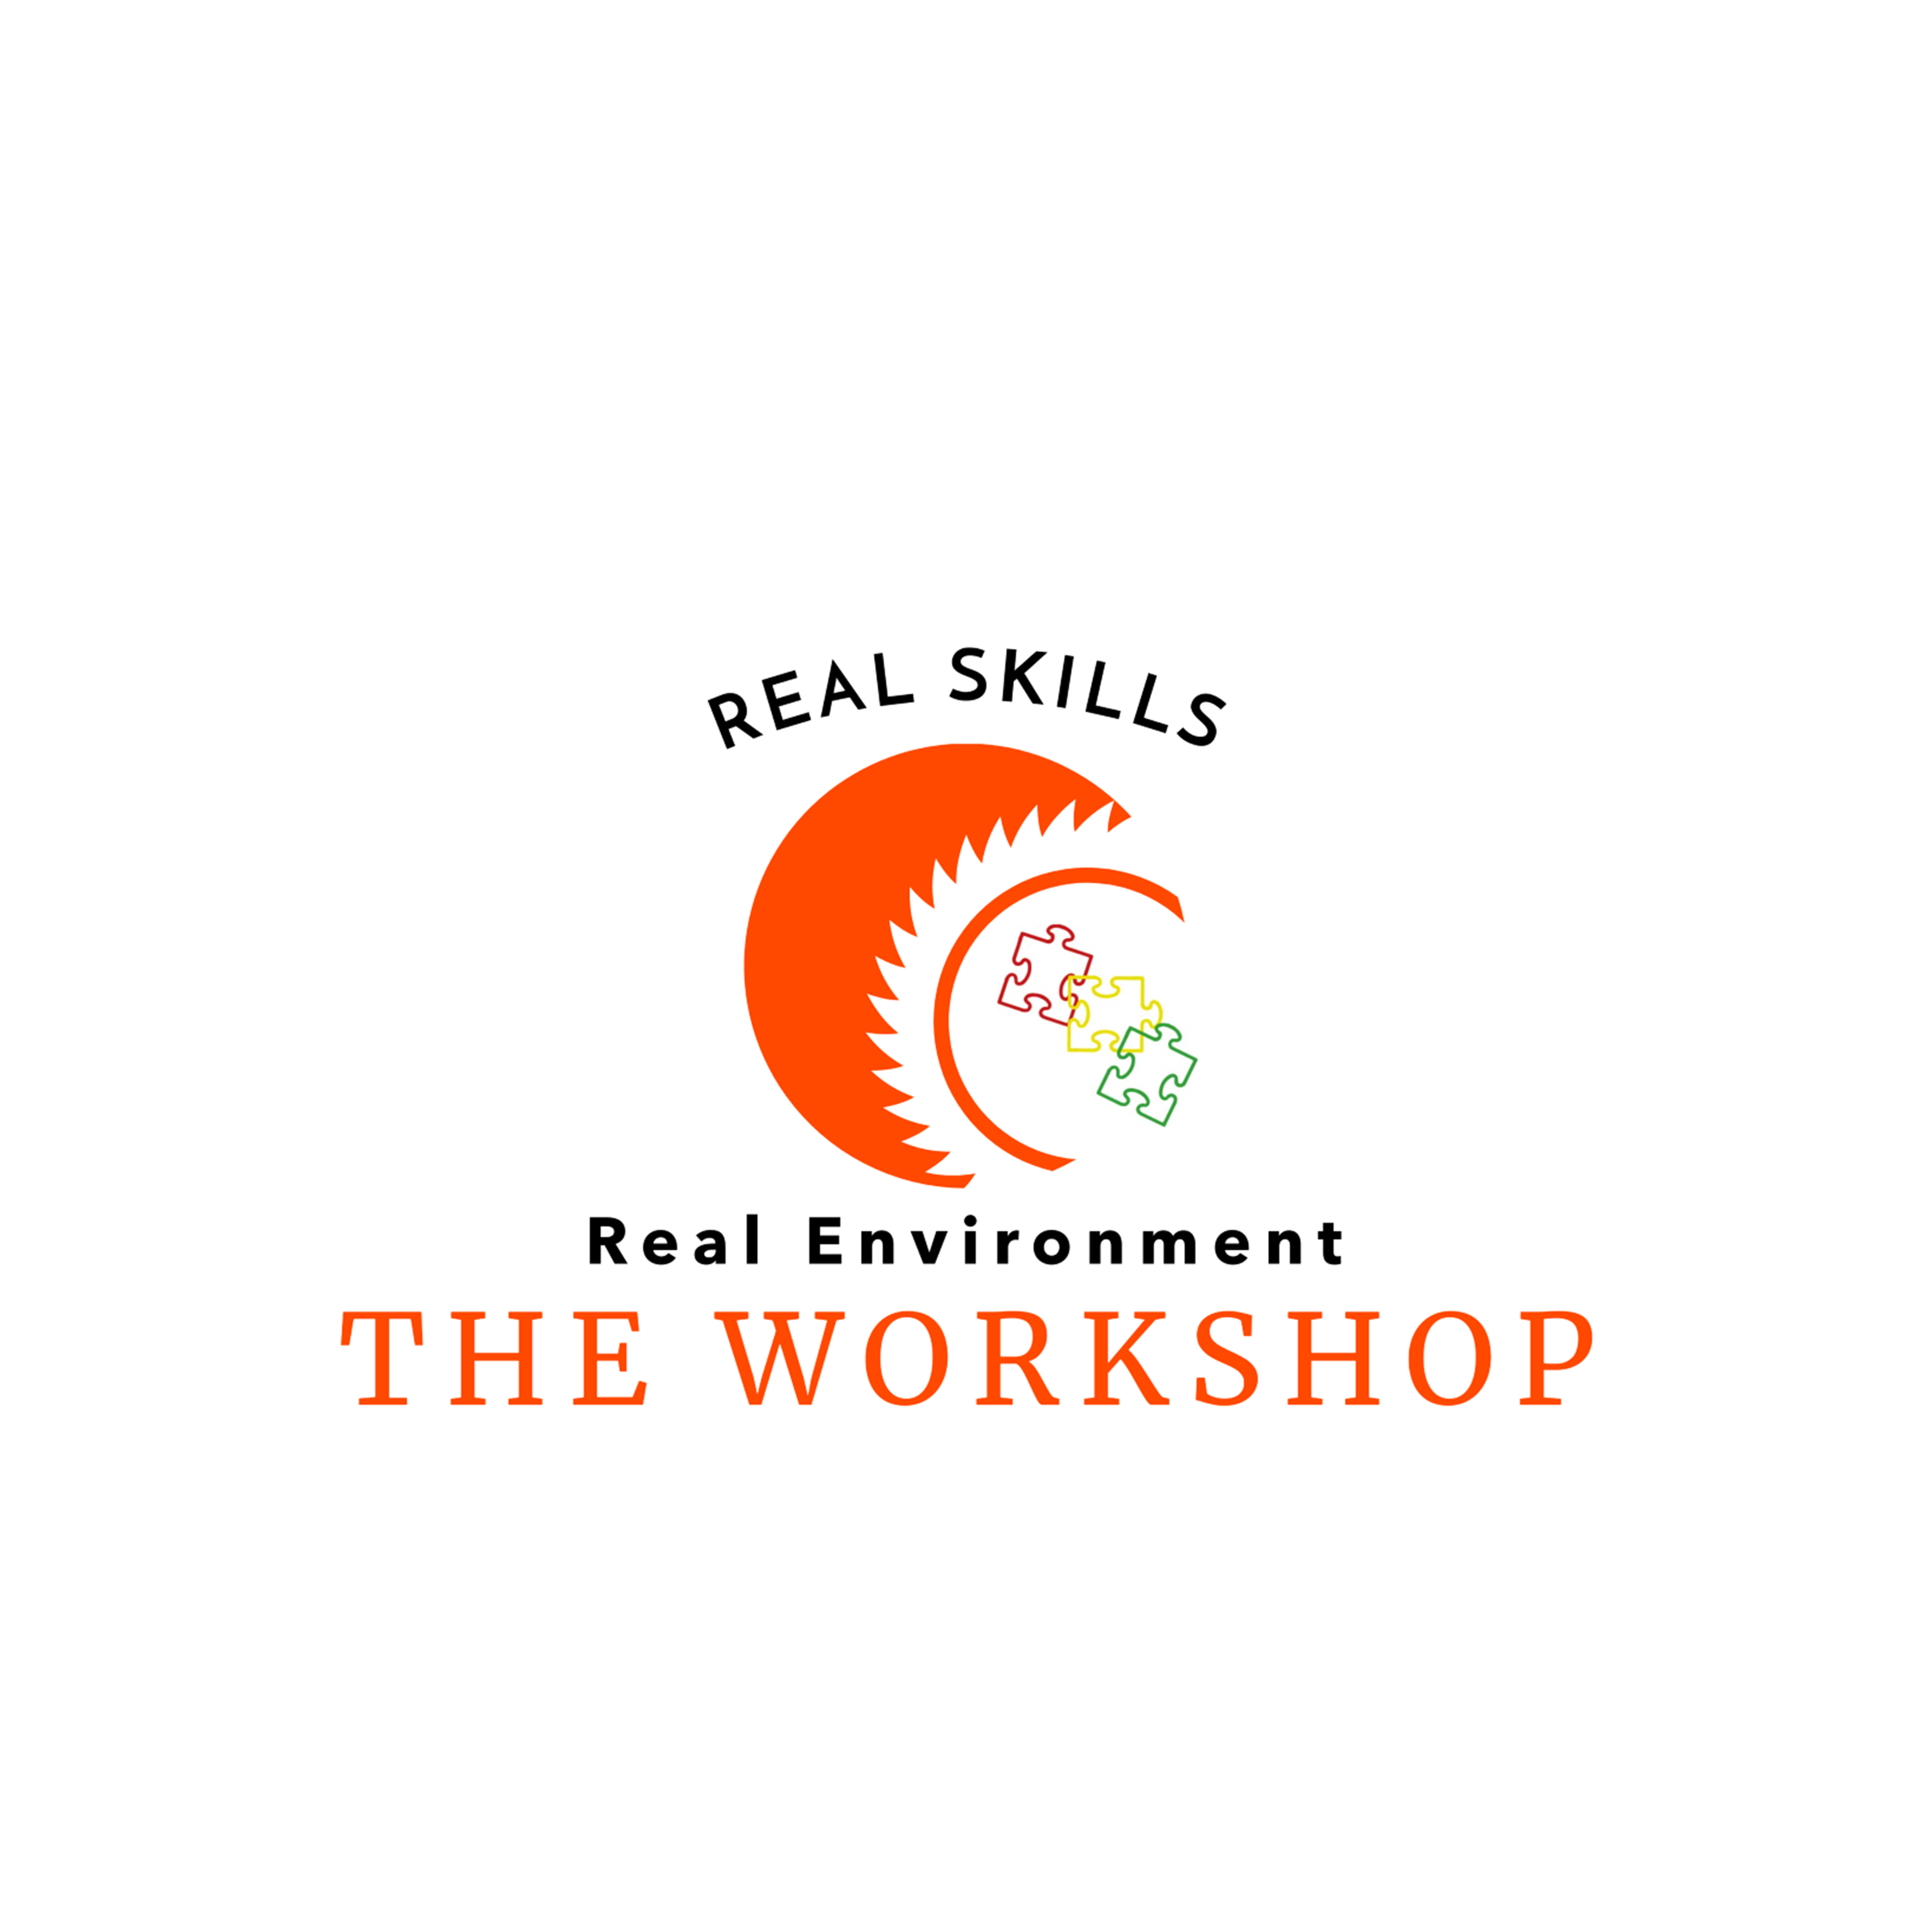 The Workshop - Visit